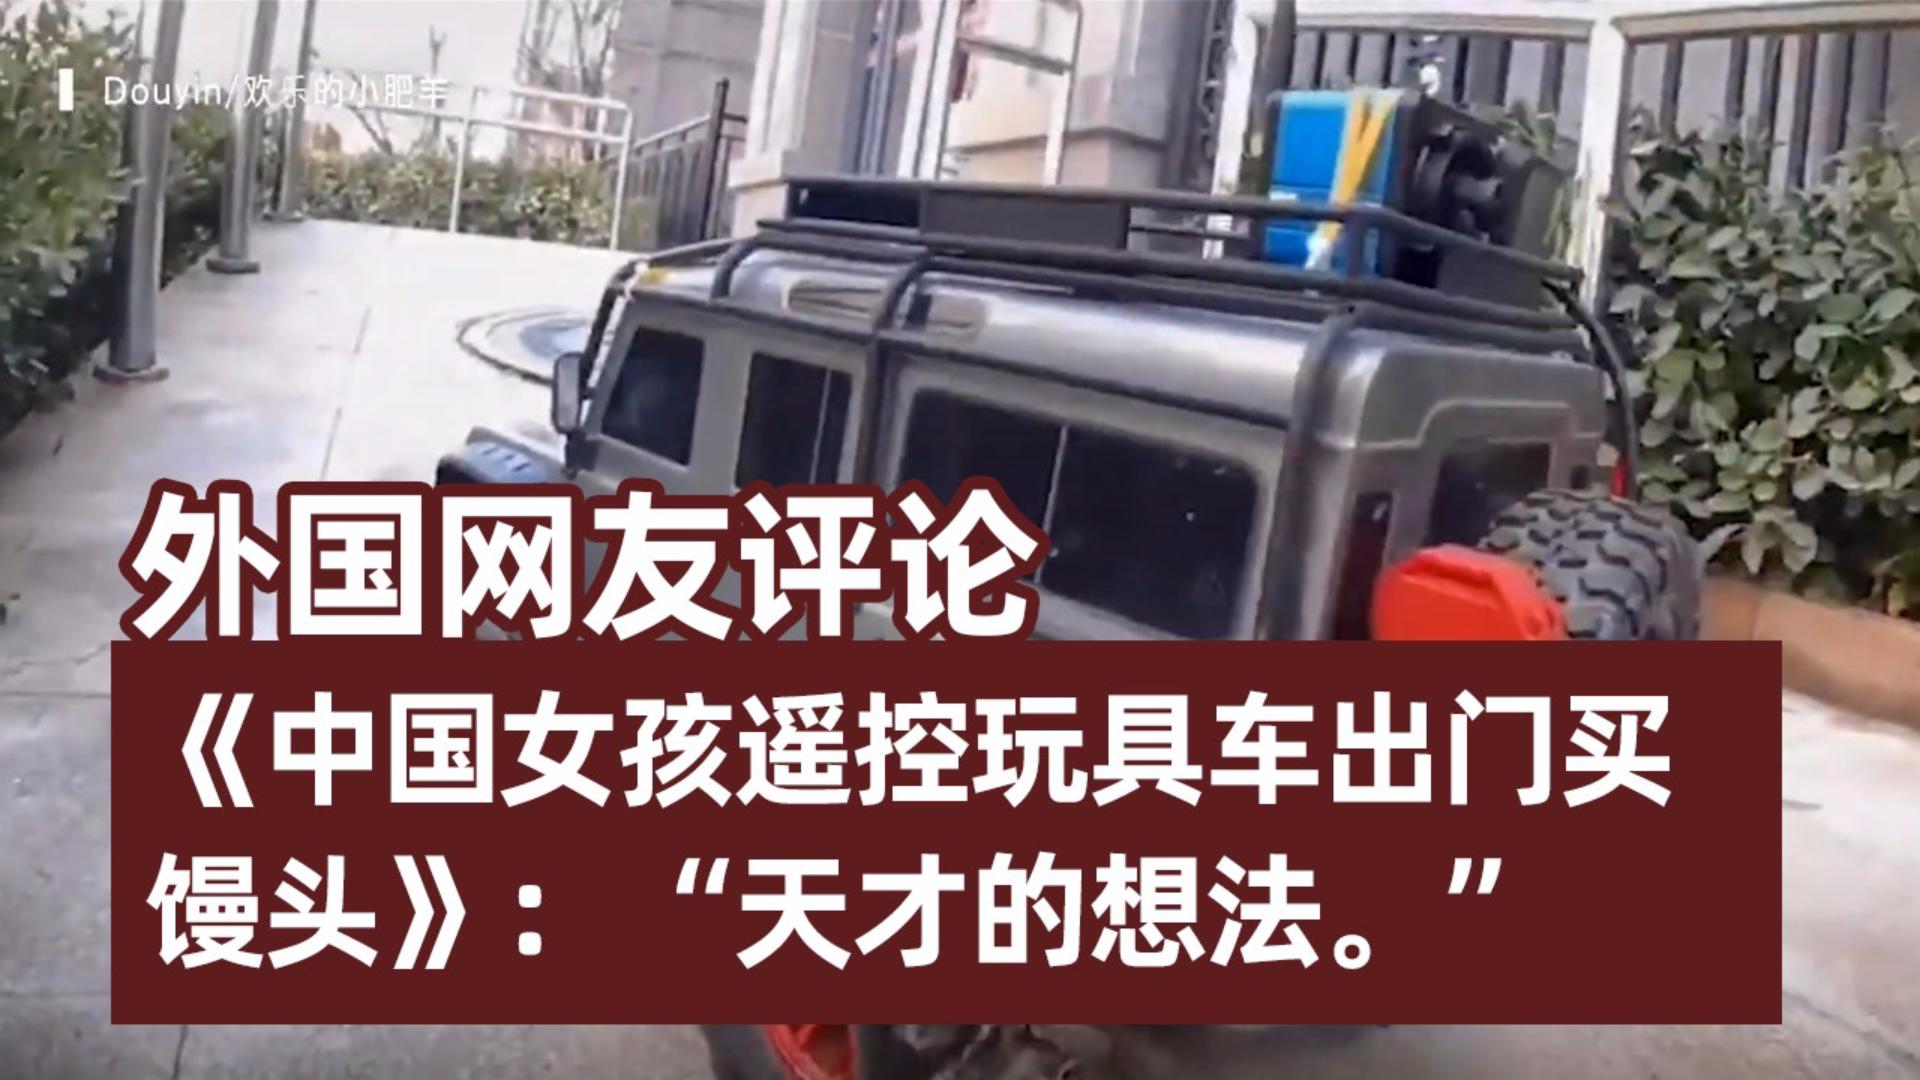 外国网友惊叹《中国女孩遥控玩具车出门买馒头》:天才的想法